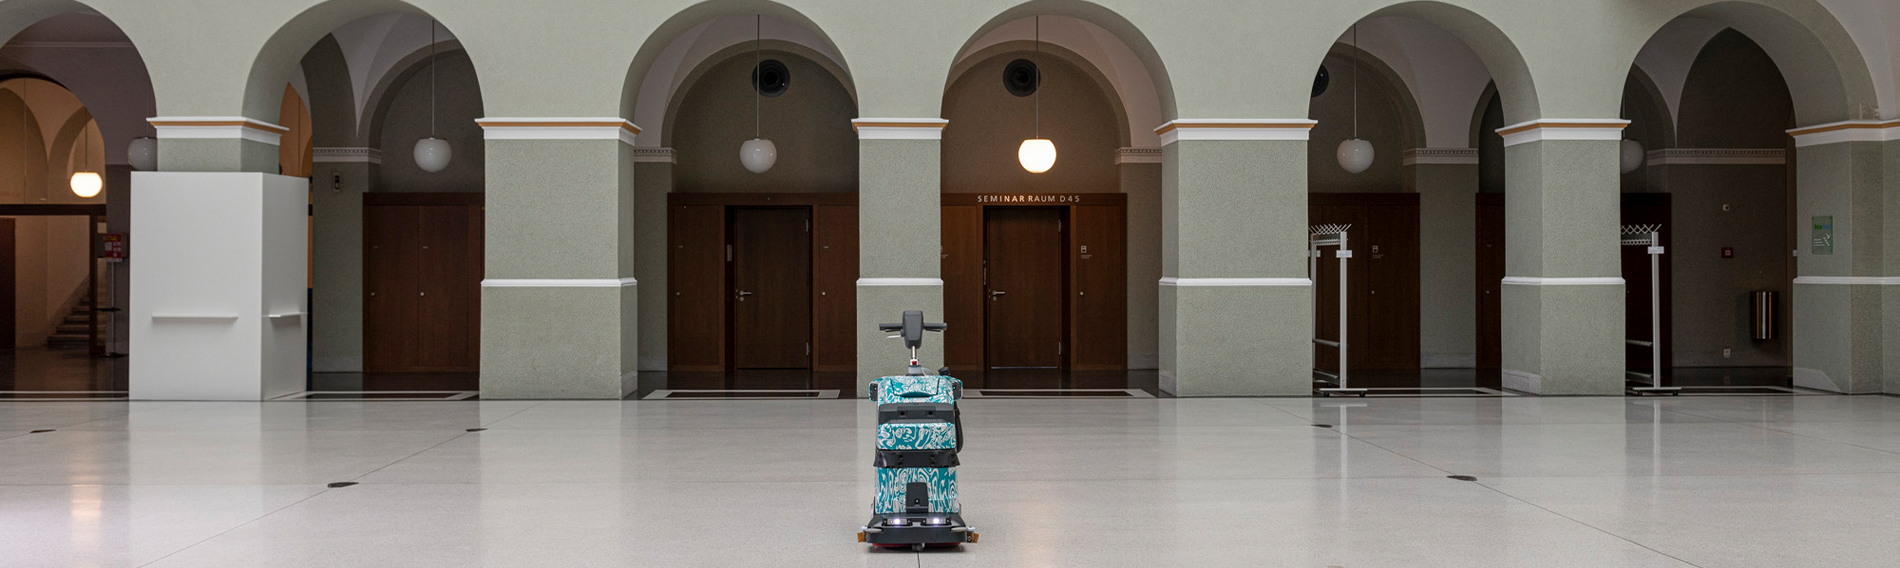 Reinigungsroboter im Test